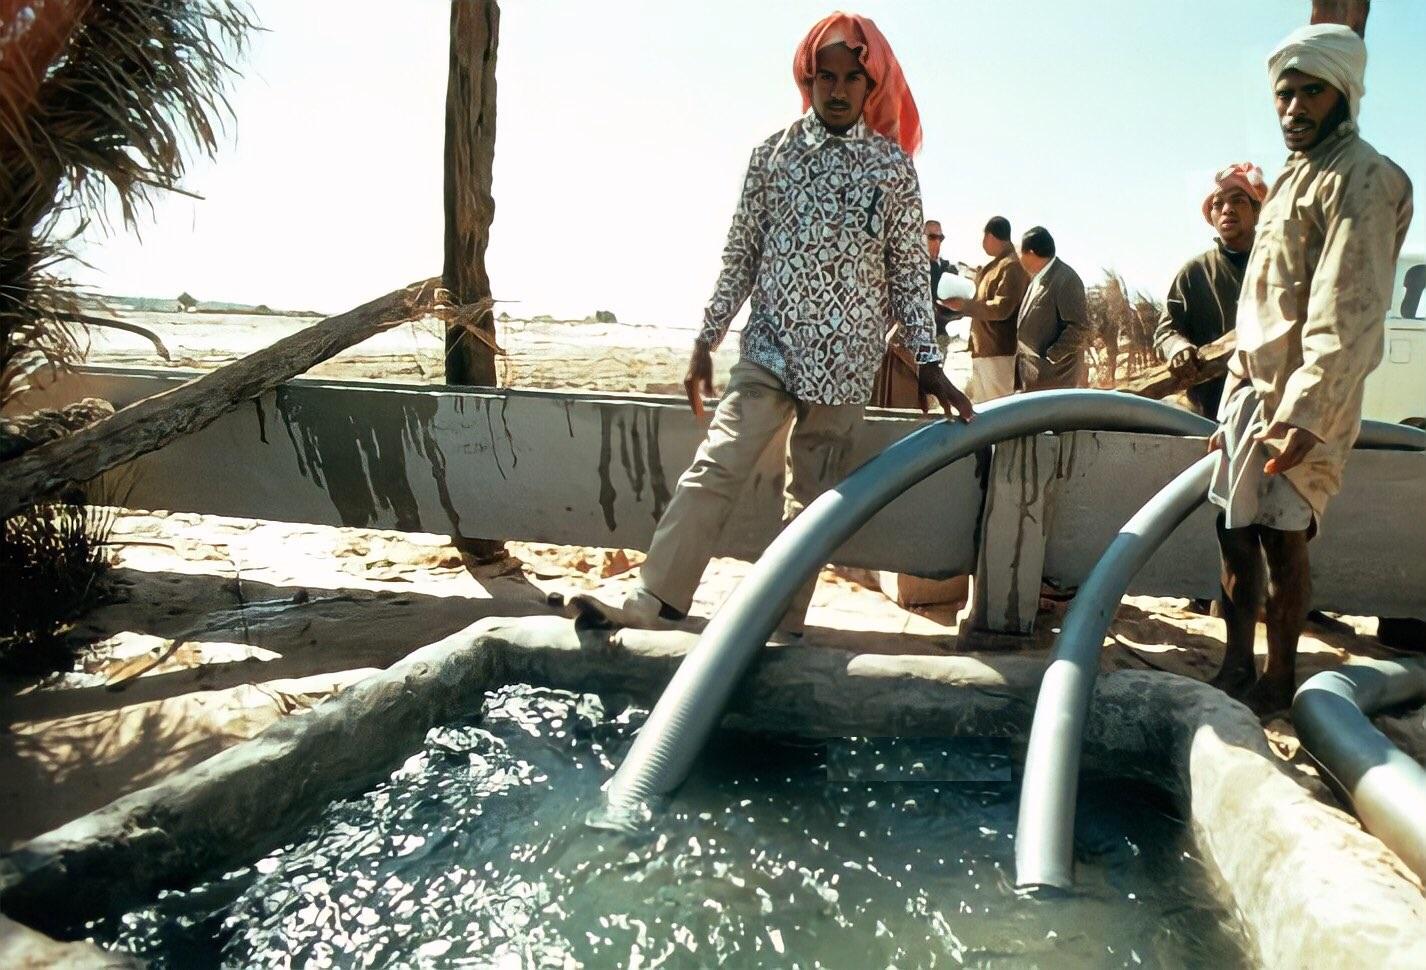 سقي المزارع في محافظة الاحساء في السبعينيات الميلادية